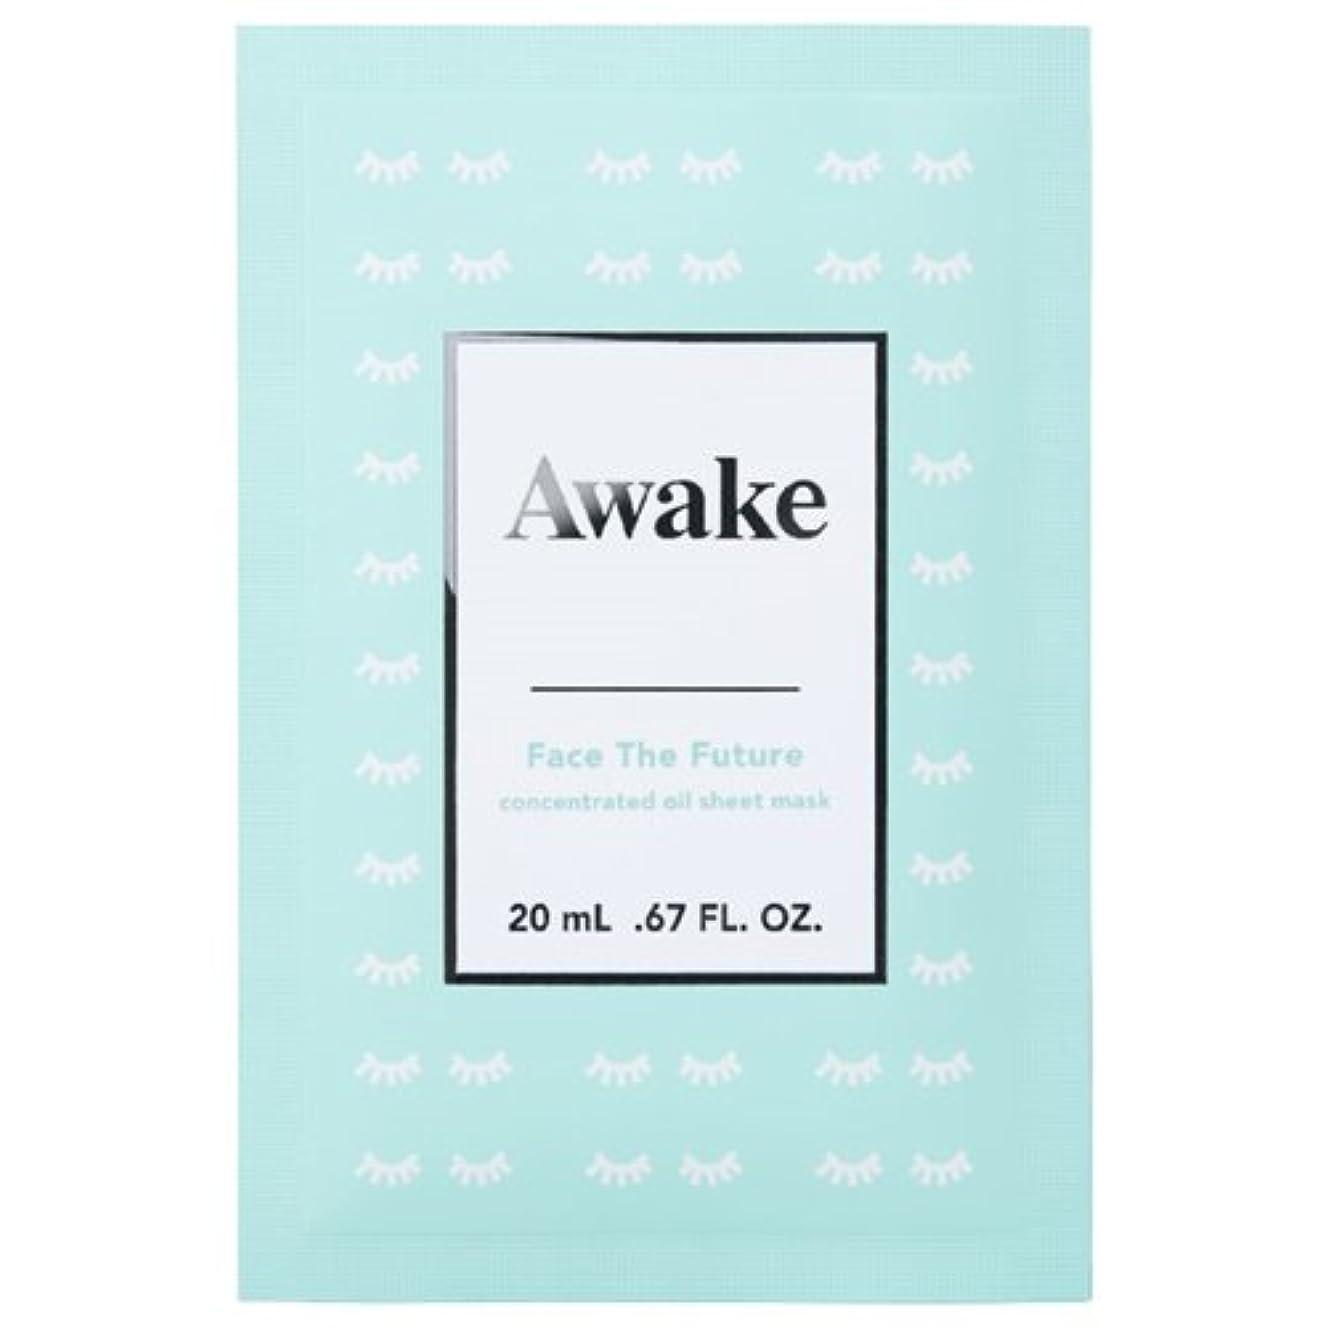 合併共役誠意アウェイク(AWAKE) Awake(アウェイク) フェイスザフューチャー コンセントレイティッド オイルシートマスク (20mL × 6枚入)